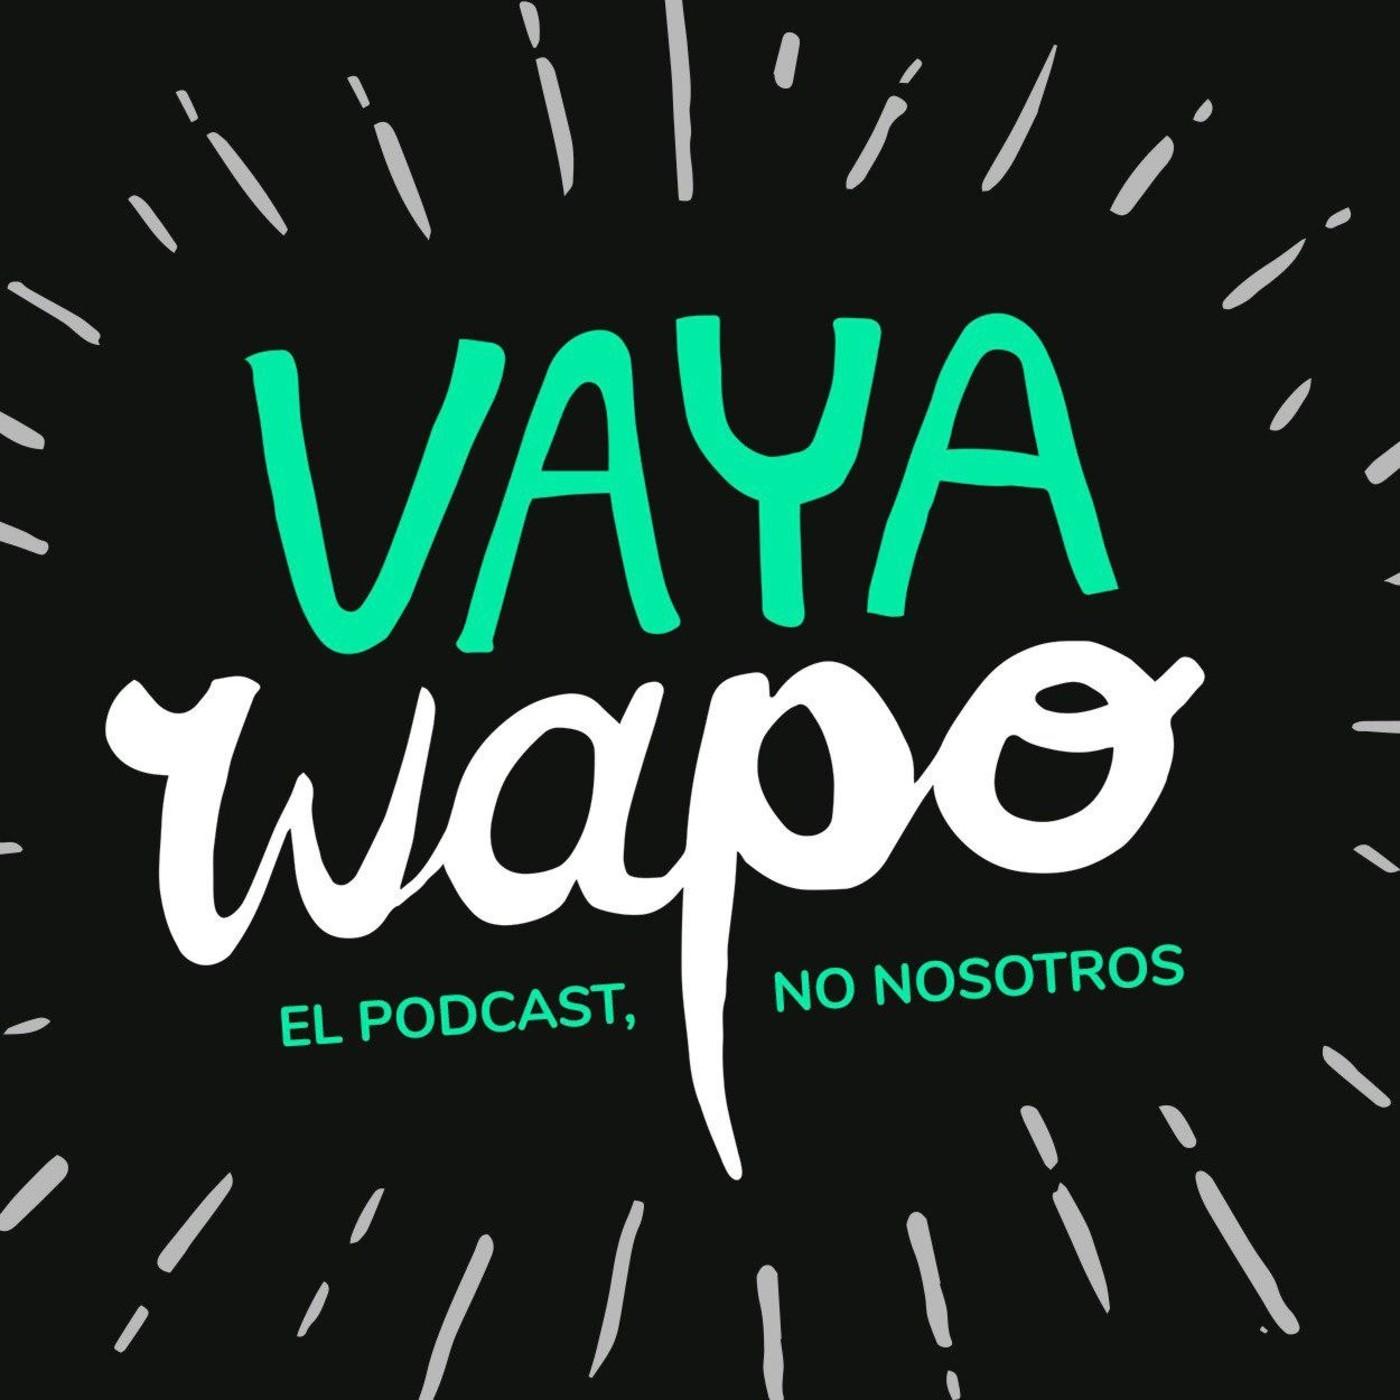 Vaya Wapo 05